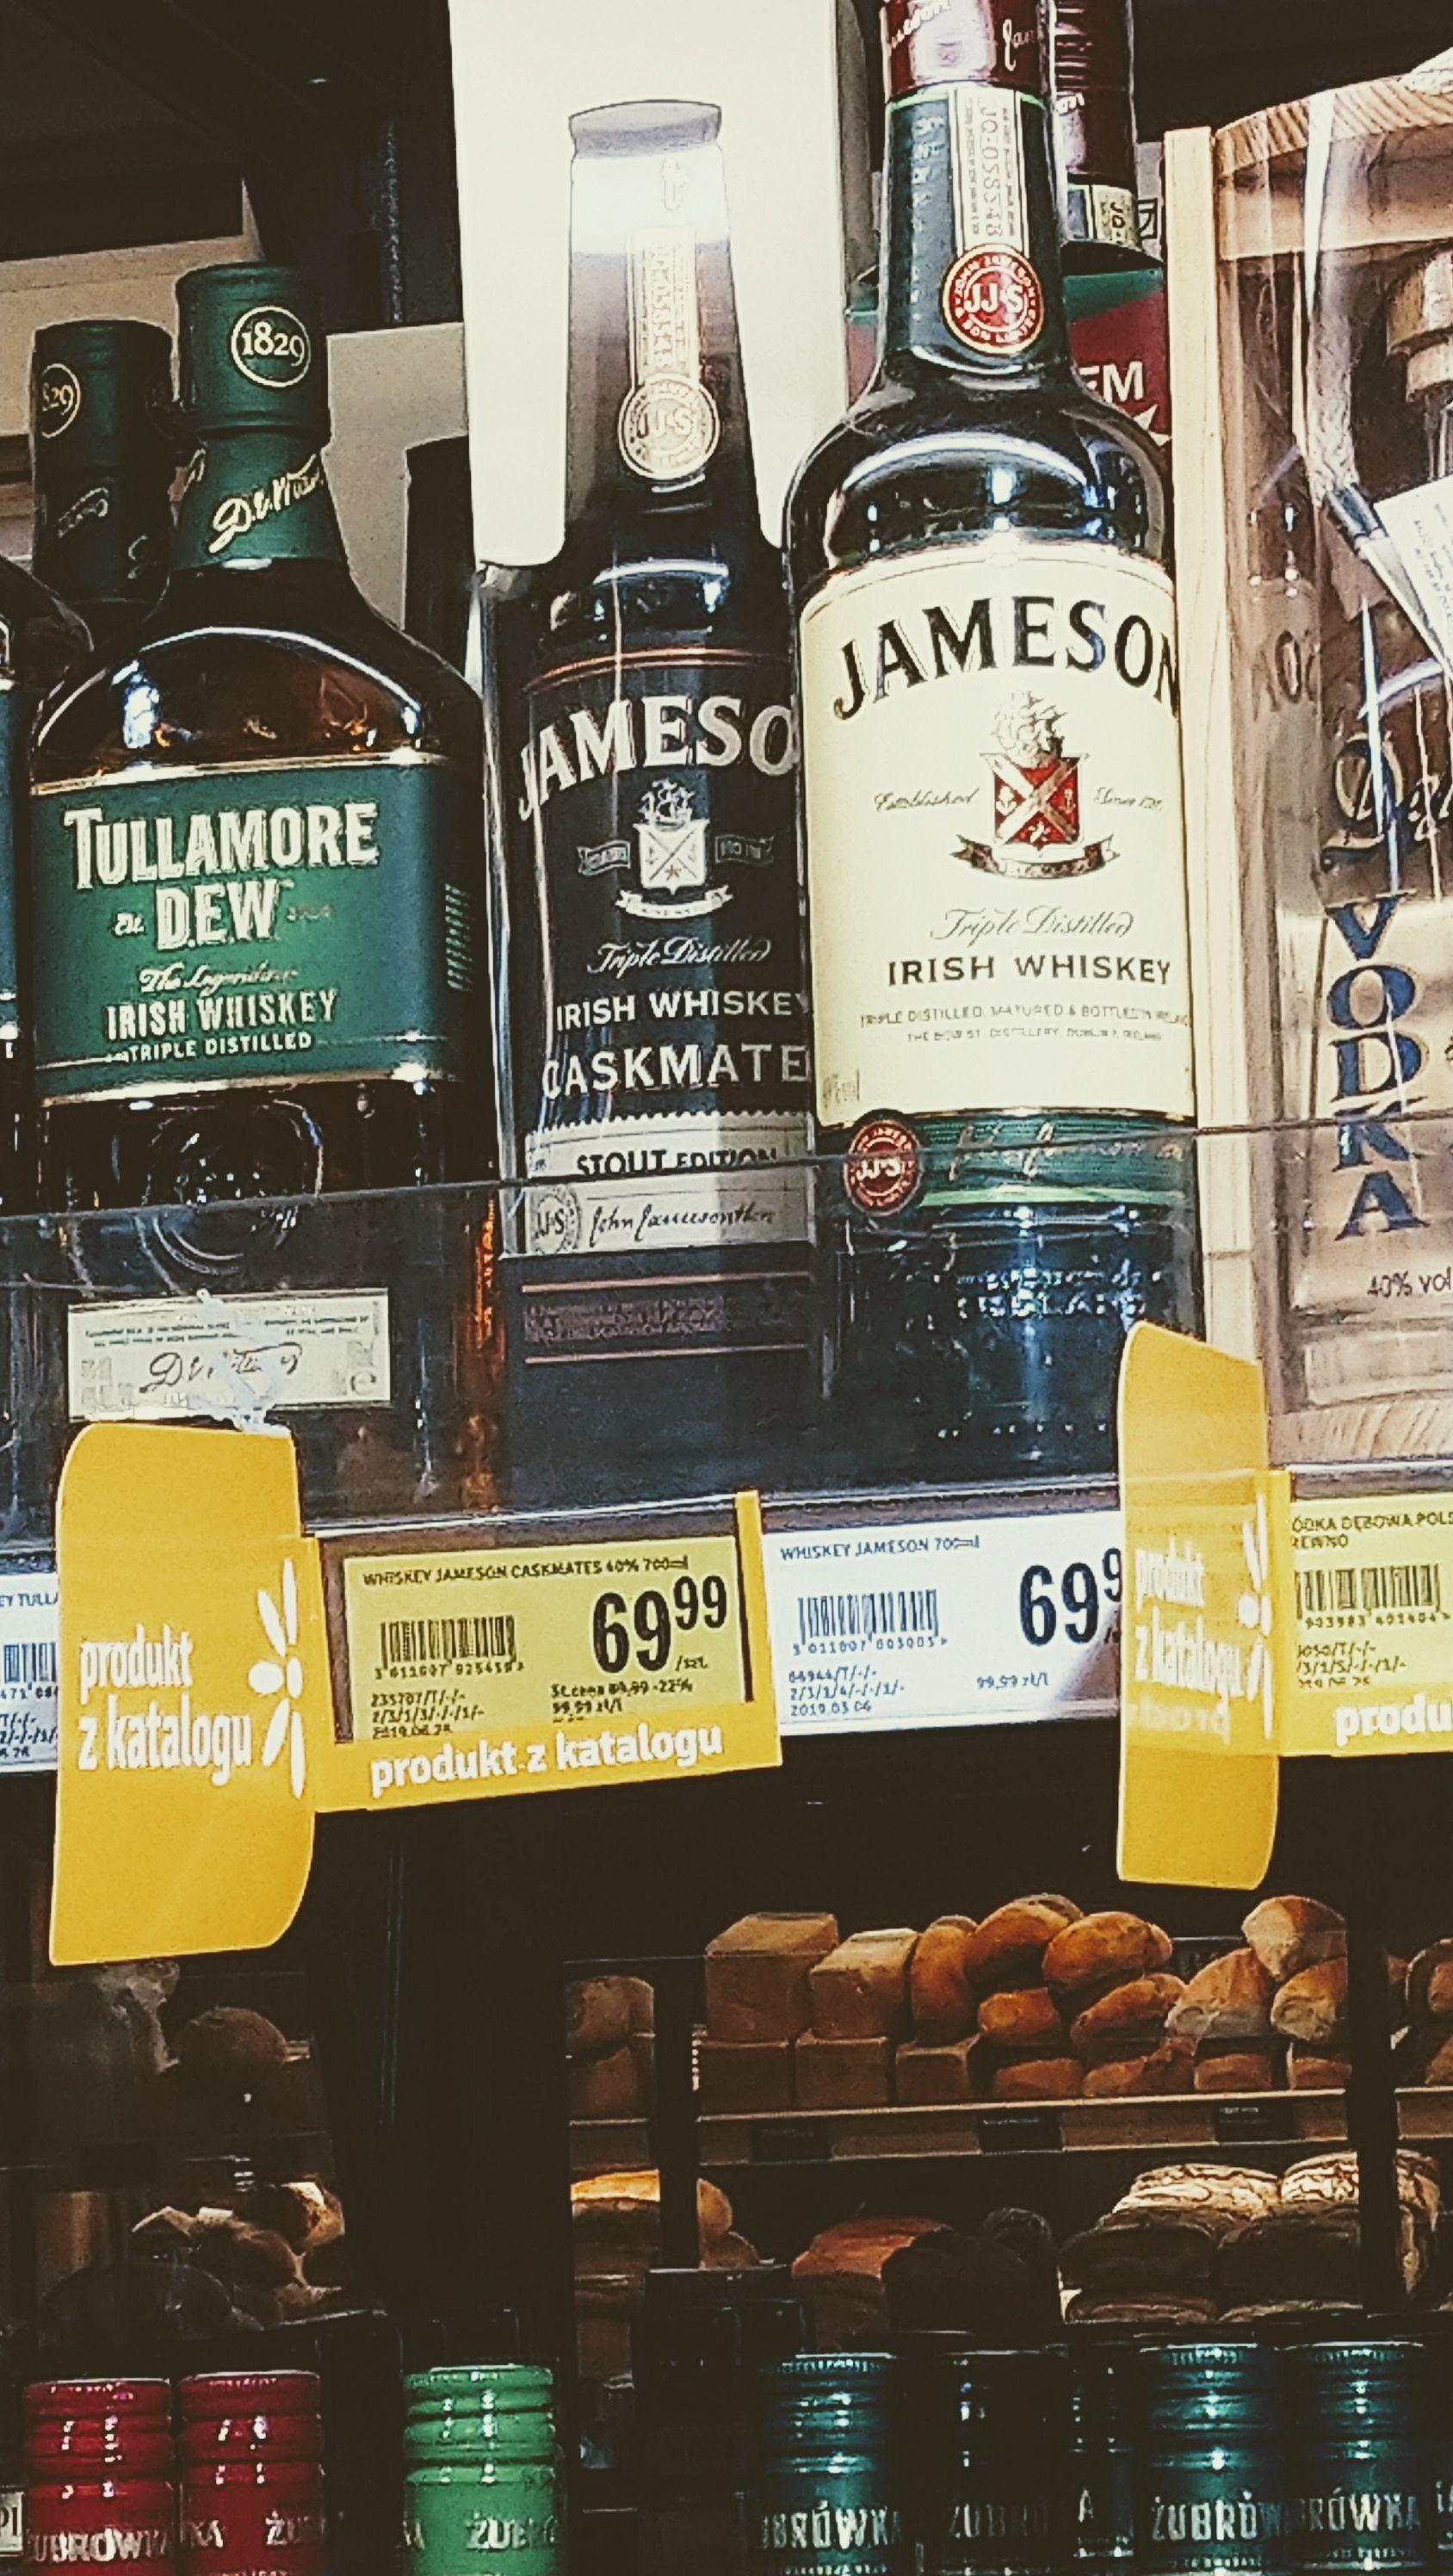 Irlandzka Whiskey Jameson Caskmates Stout Edition 0,7l Storktotka ogólnopolska Kartonik